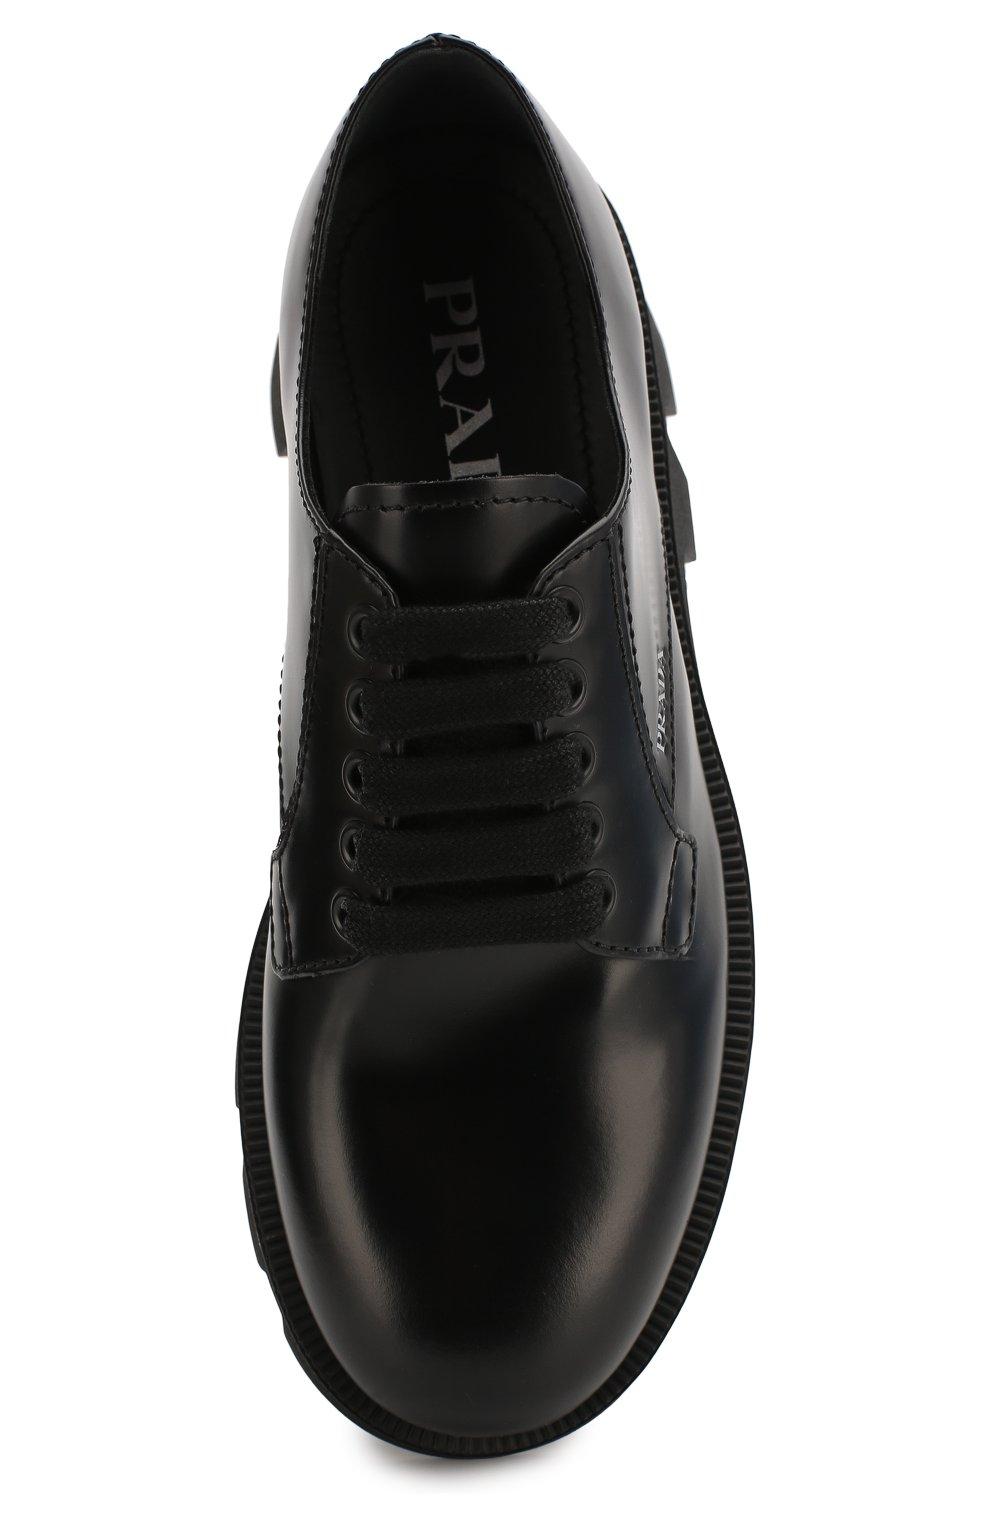 Женские кожаные дерби PRADA черного цвета, арт. 1E010M-B4L-F0002-45   Фото 4 (Подошва: Платформа; Материал внешний: Кожа; Каблук высота: Средний)